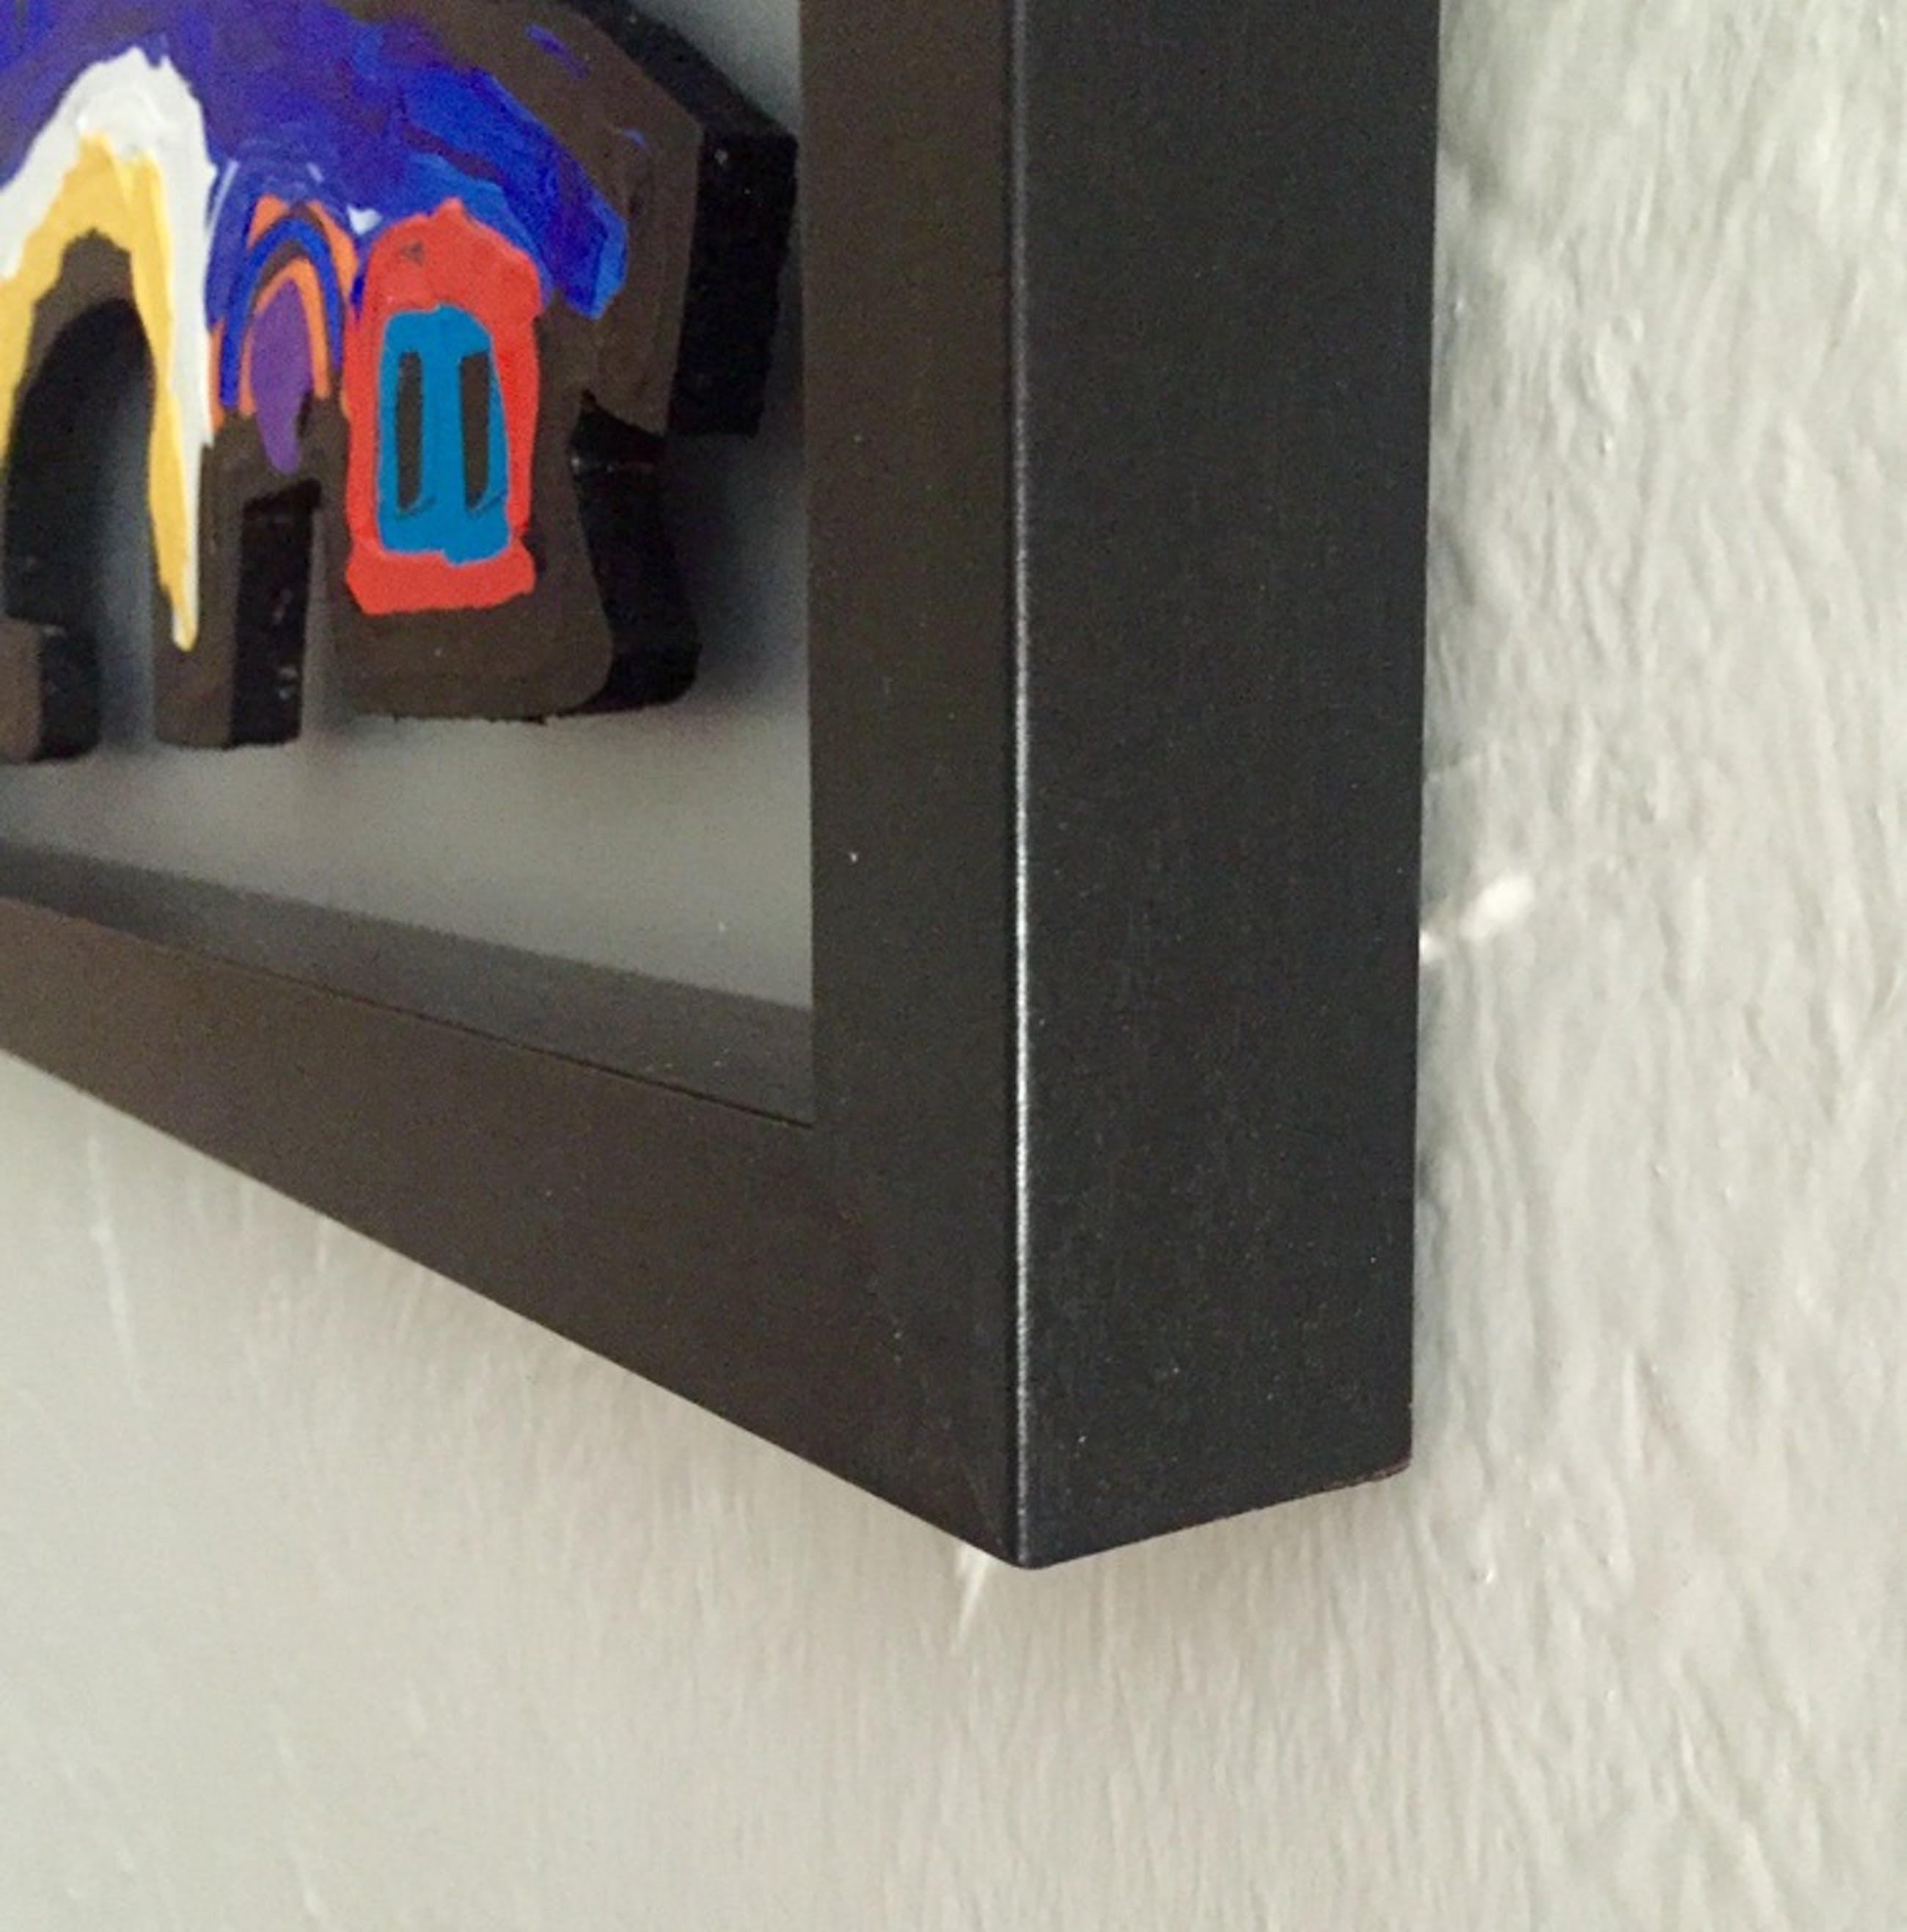 AD VAN HASSEL, 'Cobra Head' - schilderij: acrylverf op MDF (incl. lijst) kopen? Bied vanaf 59!